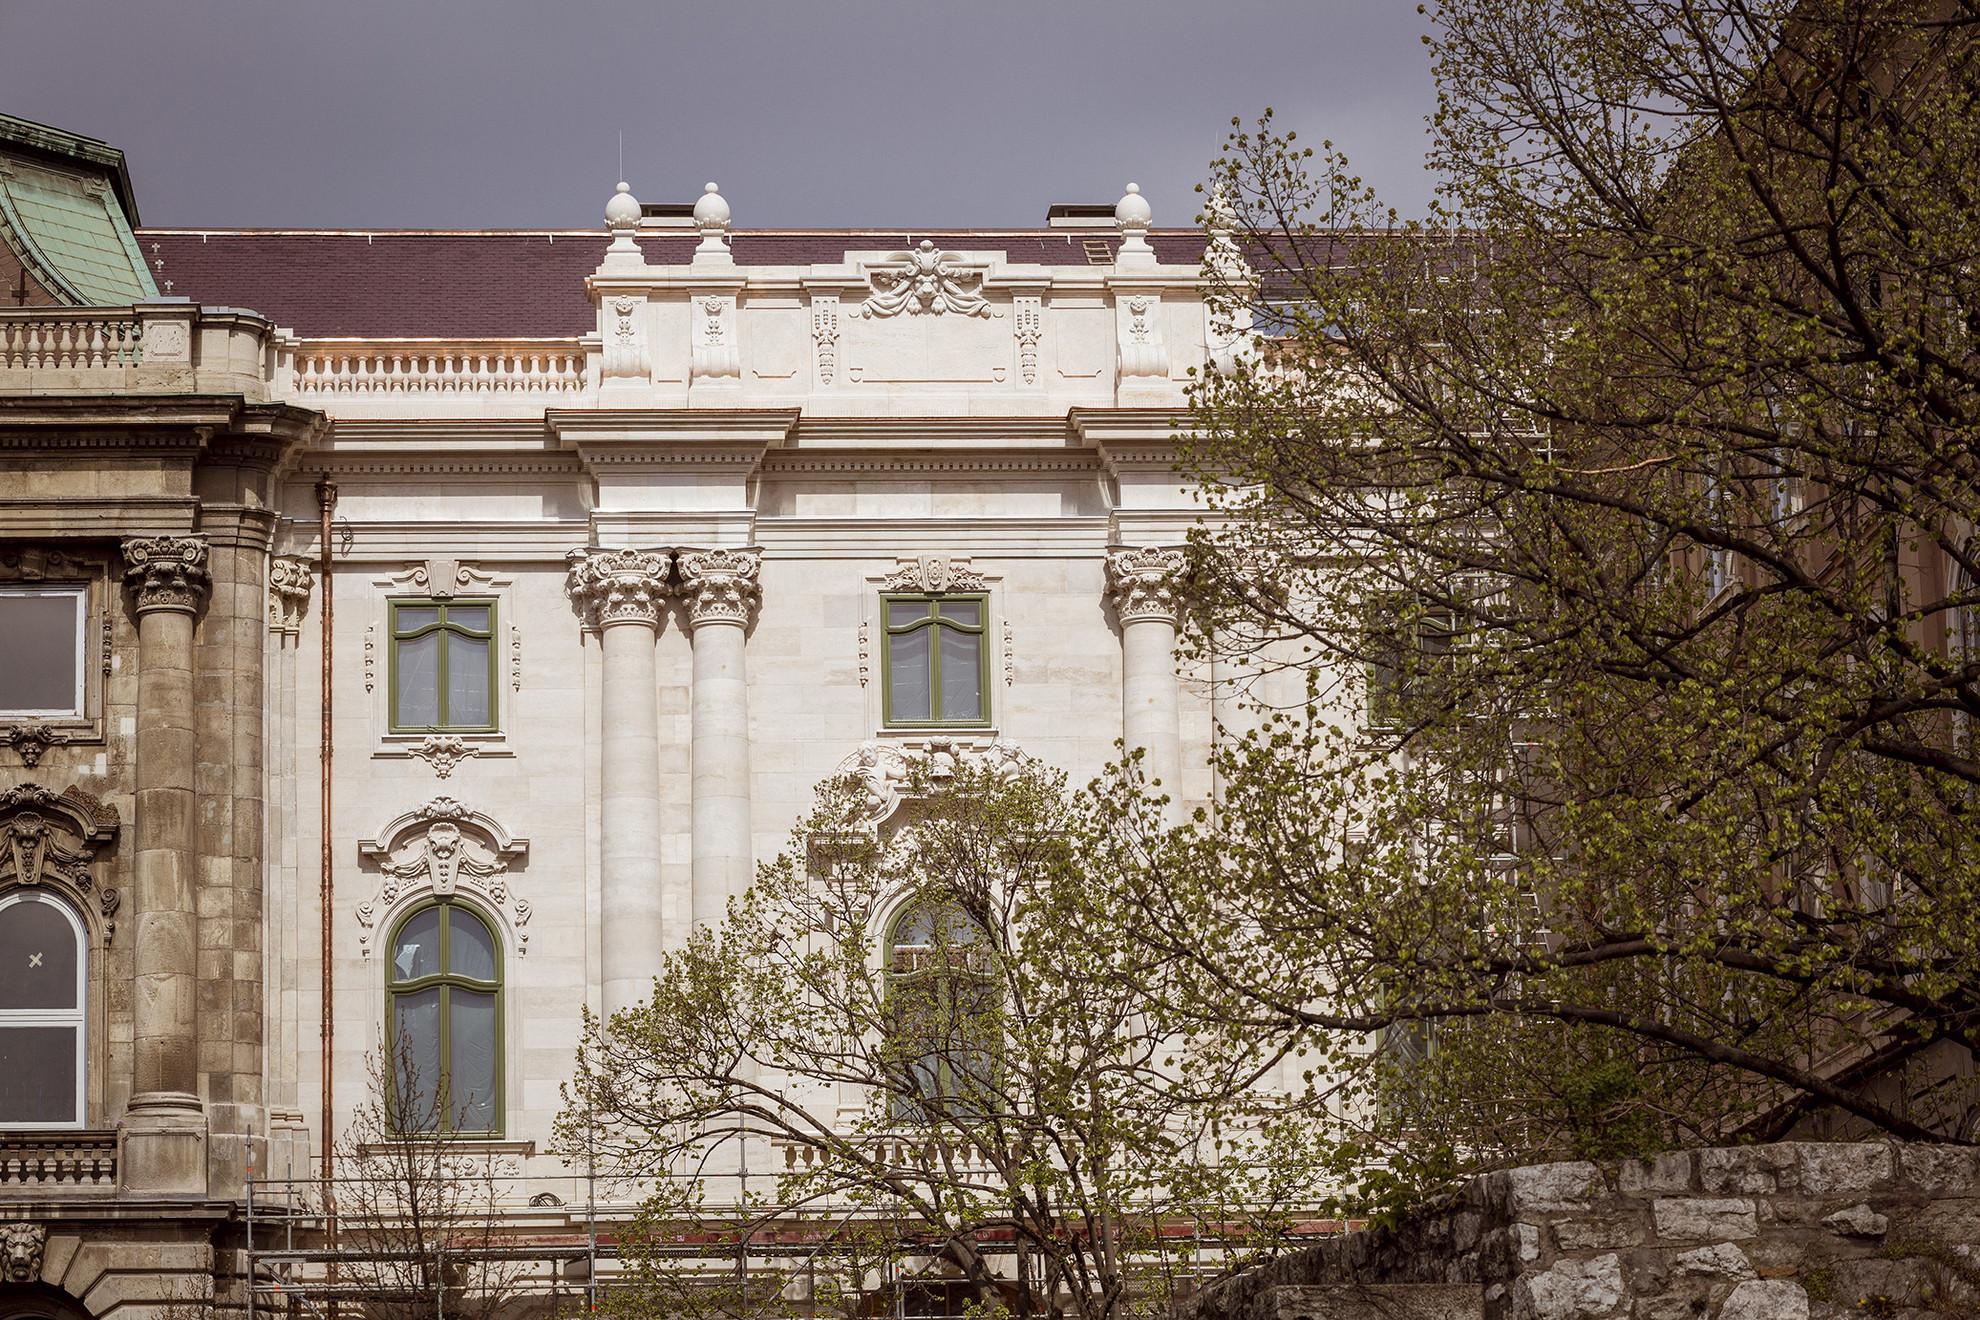 Az épületrész déli homlokzatát az egykori tervek szerint a Nemzeti Hauszmann Program keretében építették újjá